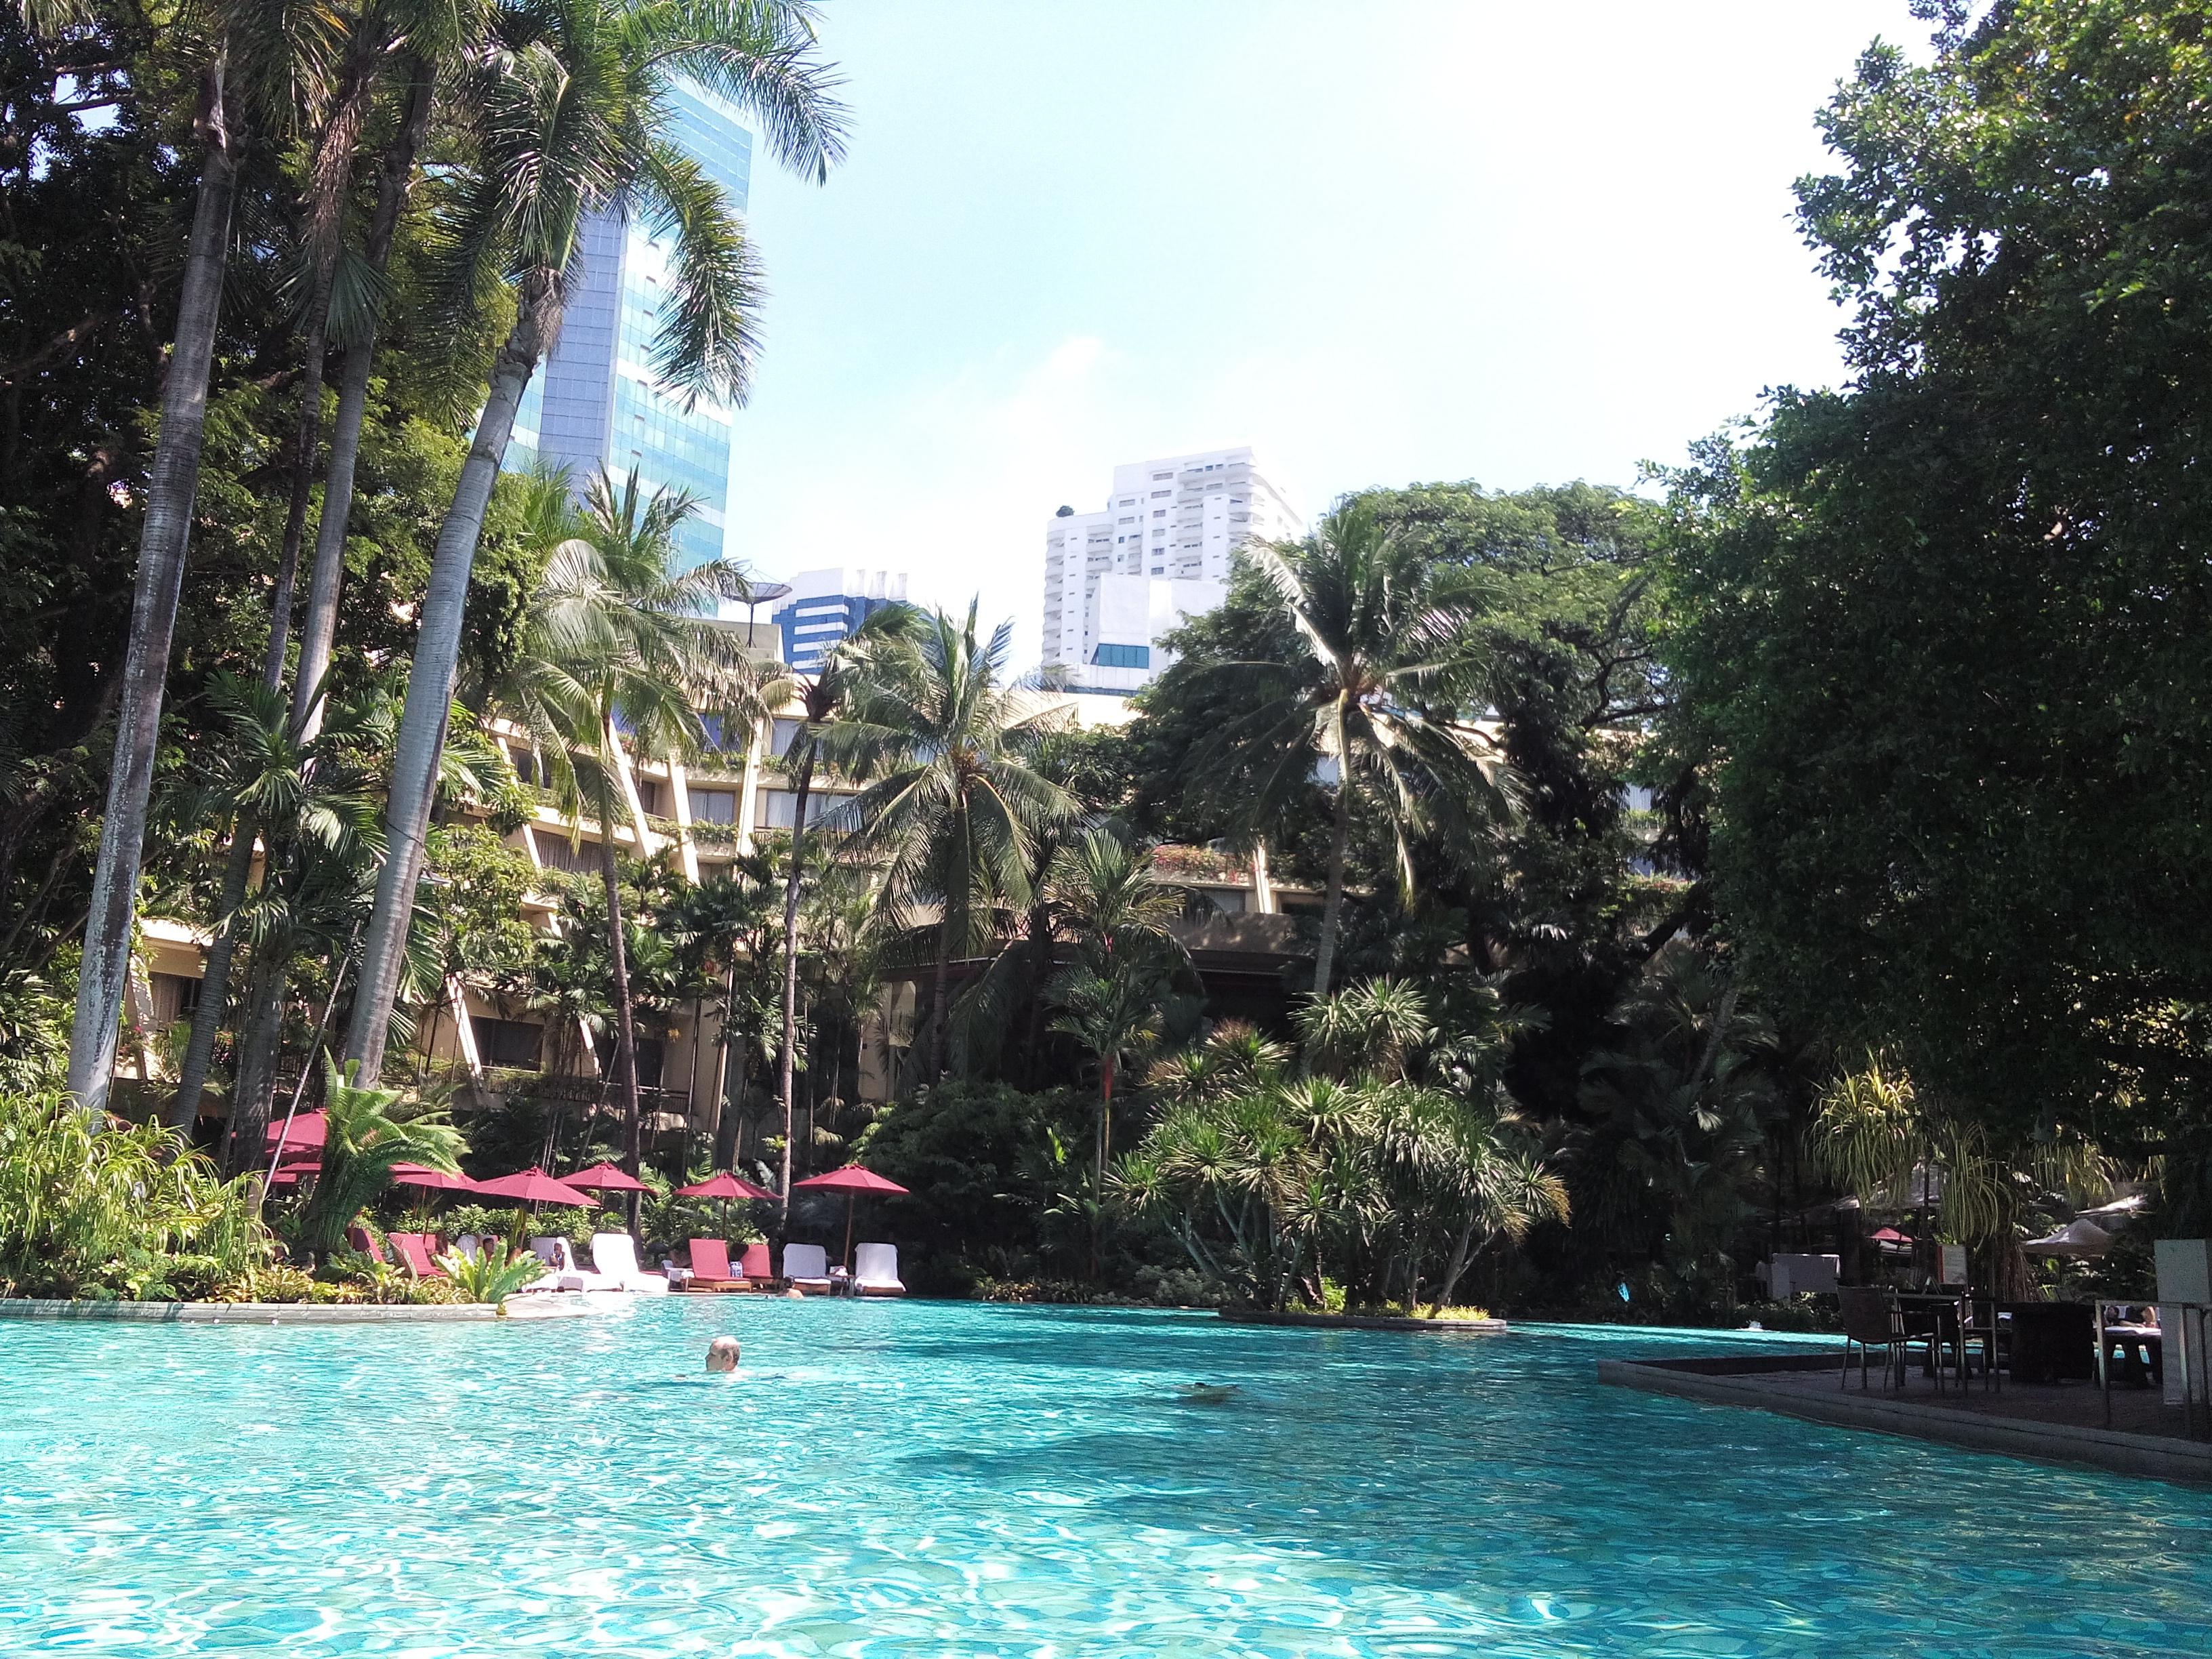 The pool at Swissôtel Nai Lert Park